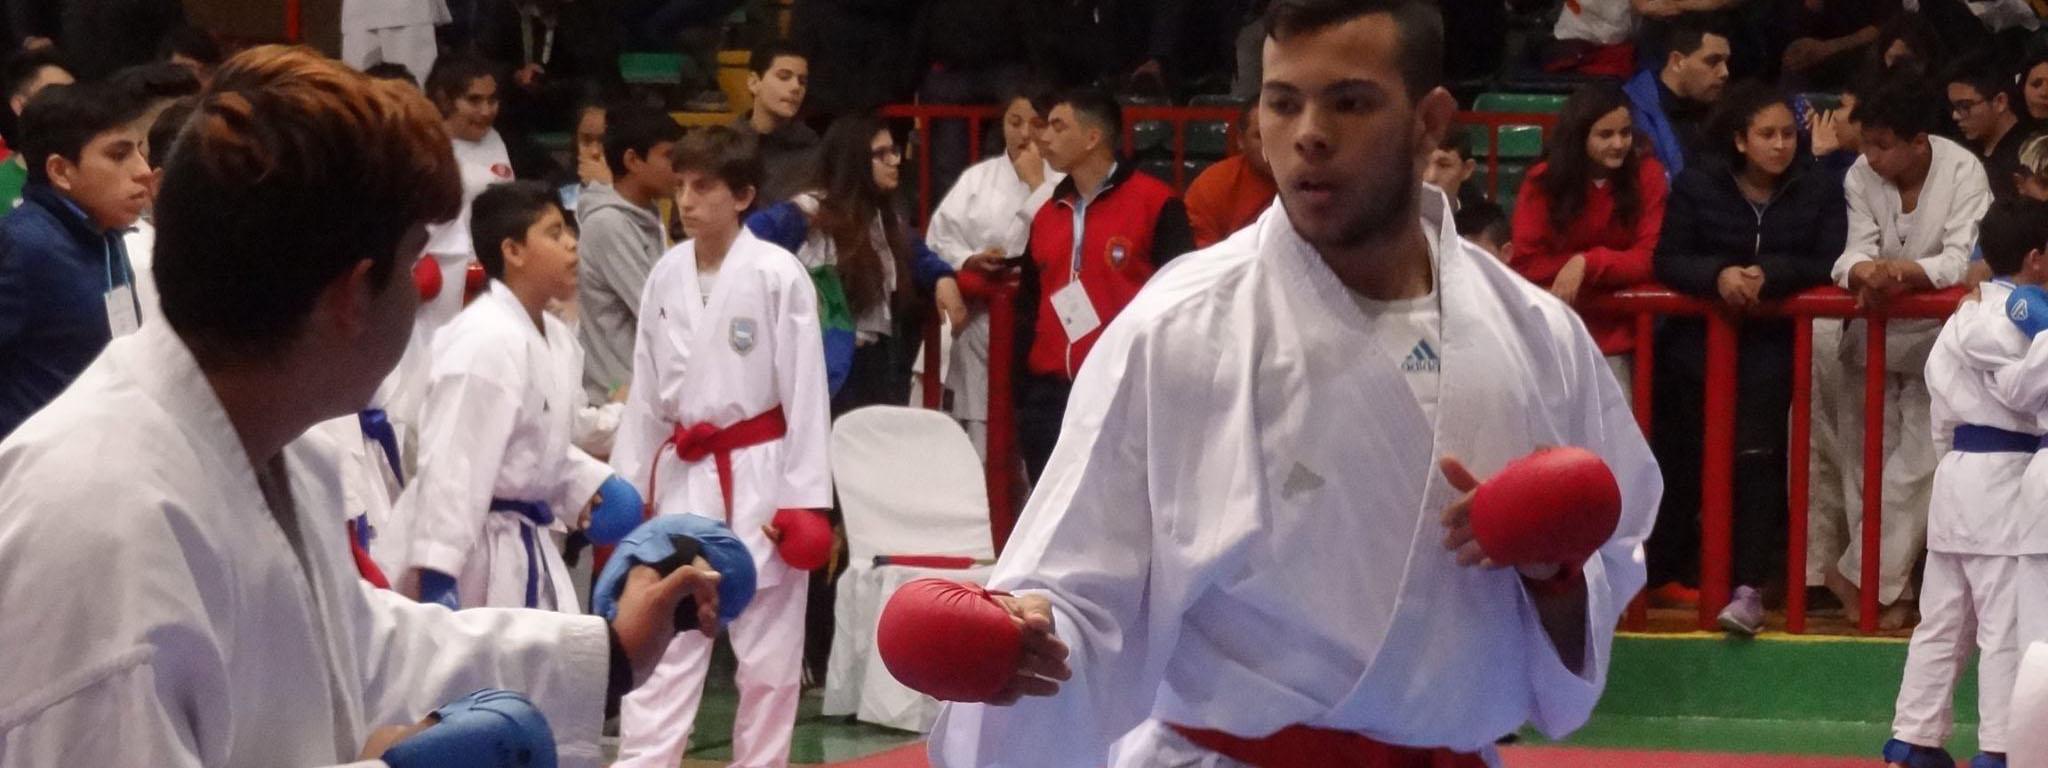 Juan Cruz Minuet quiere despegar en el Mundial de Tenerife